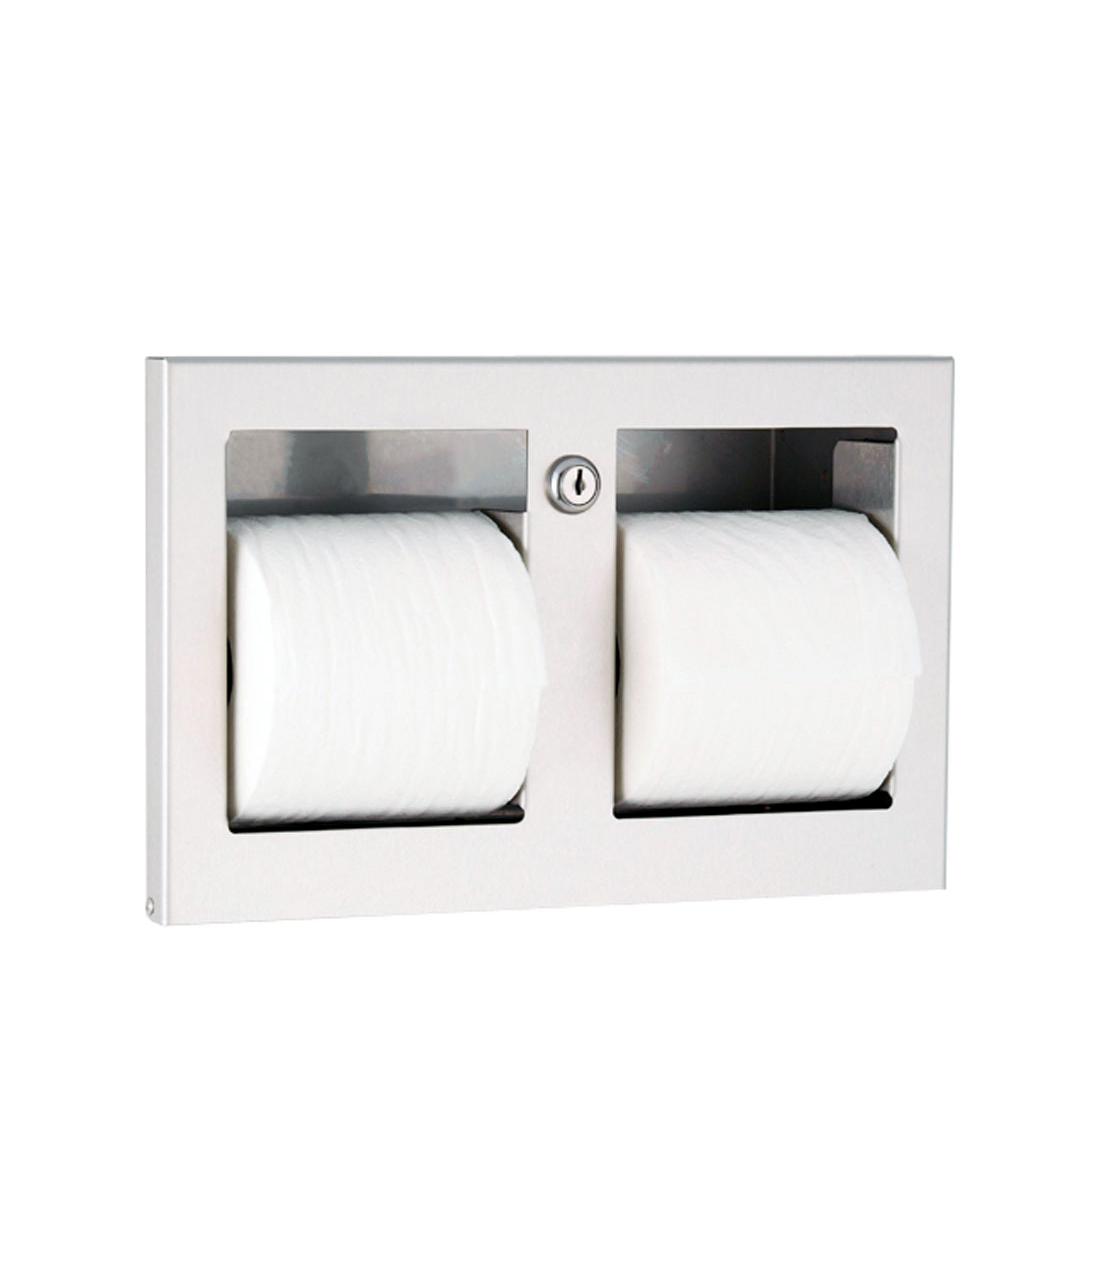 Gamco TTD-9 Recessed Multi-Roll Toilet Tissue Dispenser